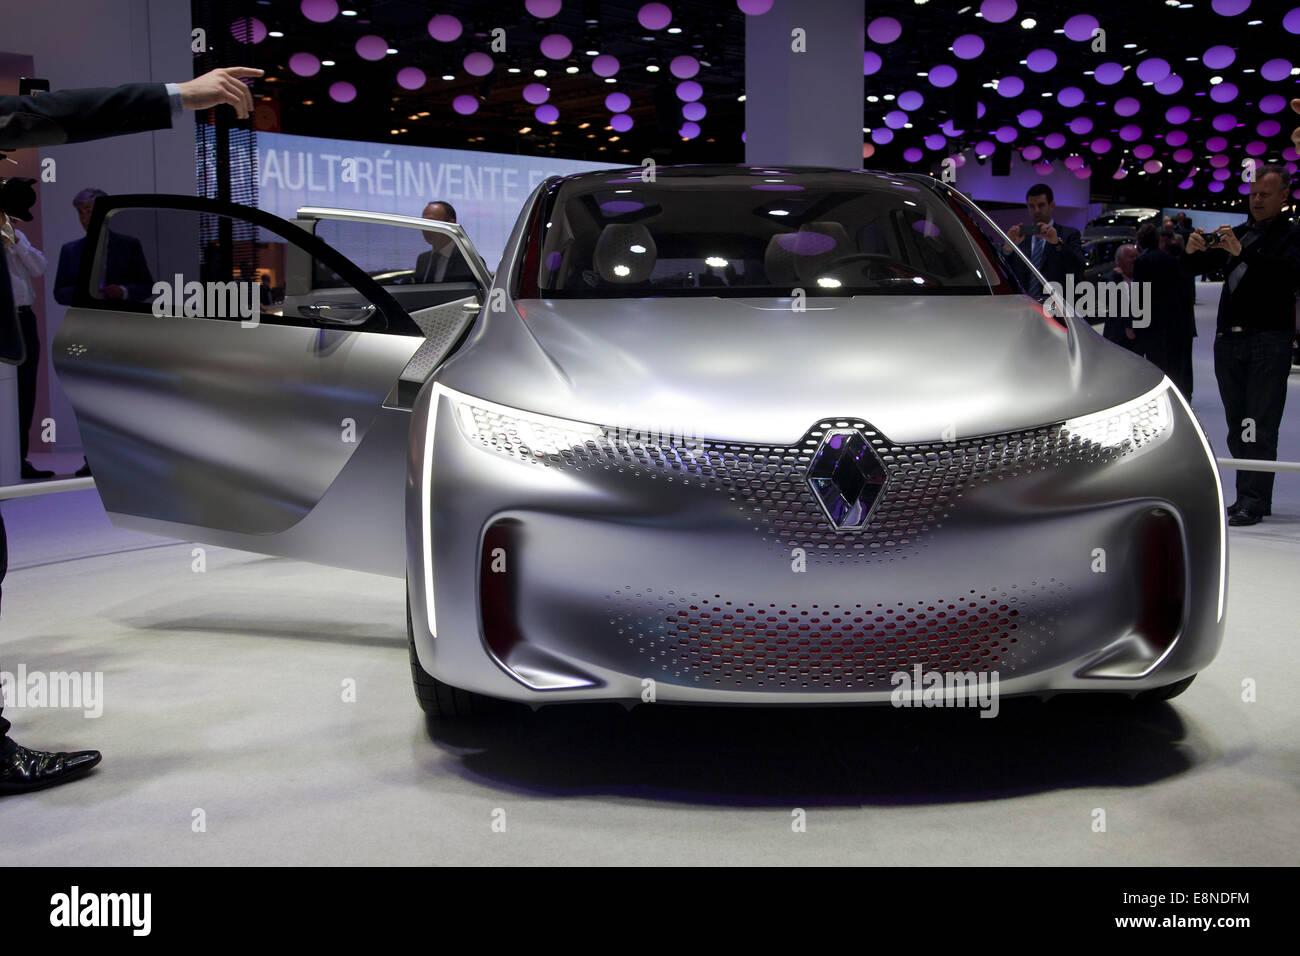 La Renault Eolab plug-in auto elettriche Motor Show di Parigi Mondial de l'Automobile 2014 Immagini Stock